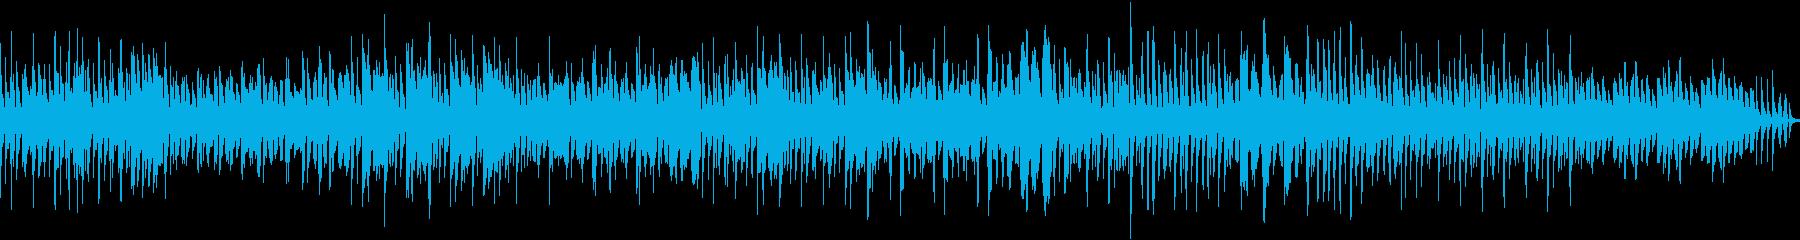 音遊びトロンボーンピアノ【クイズ風】CMの再生済みの波形